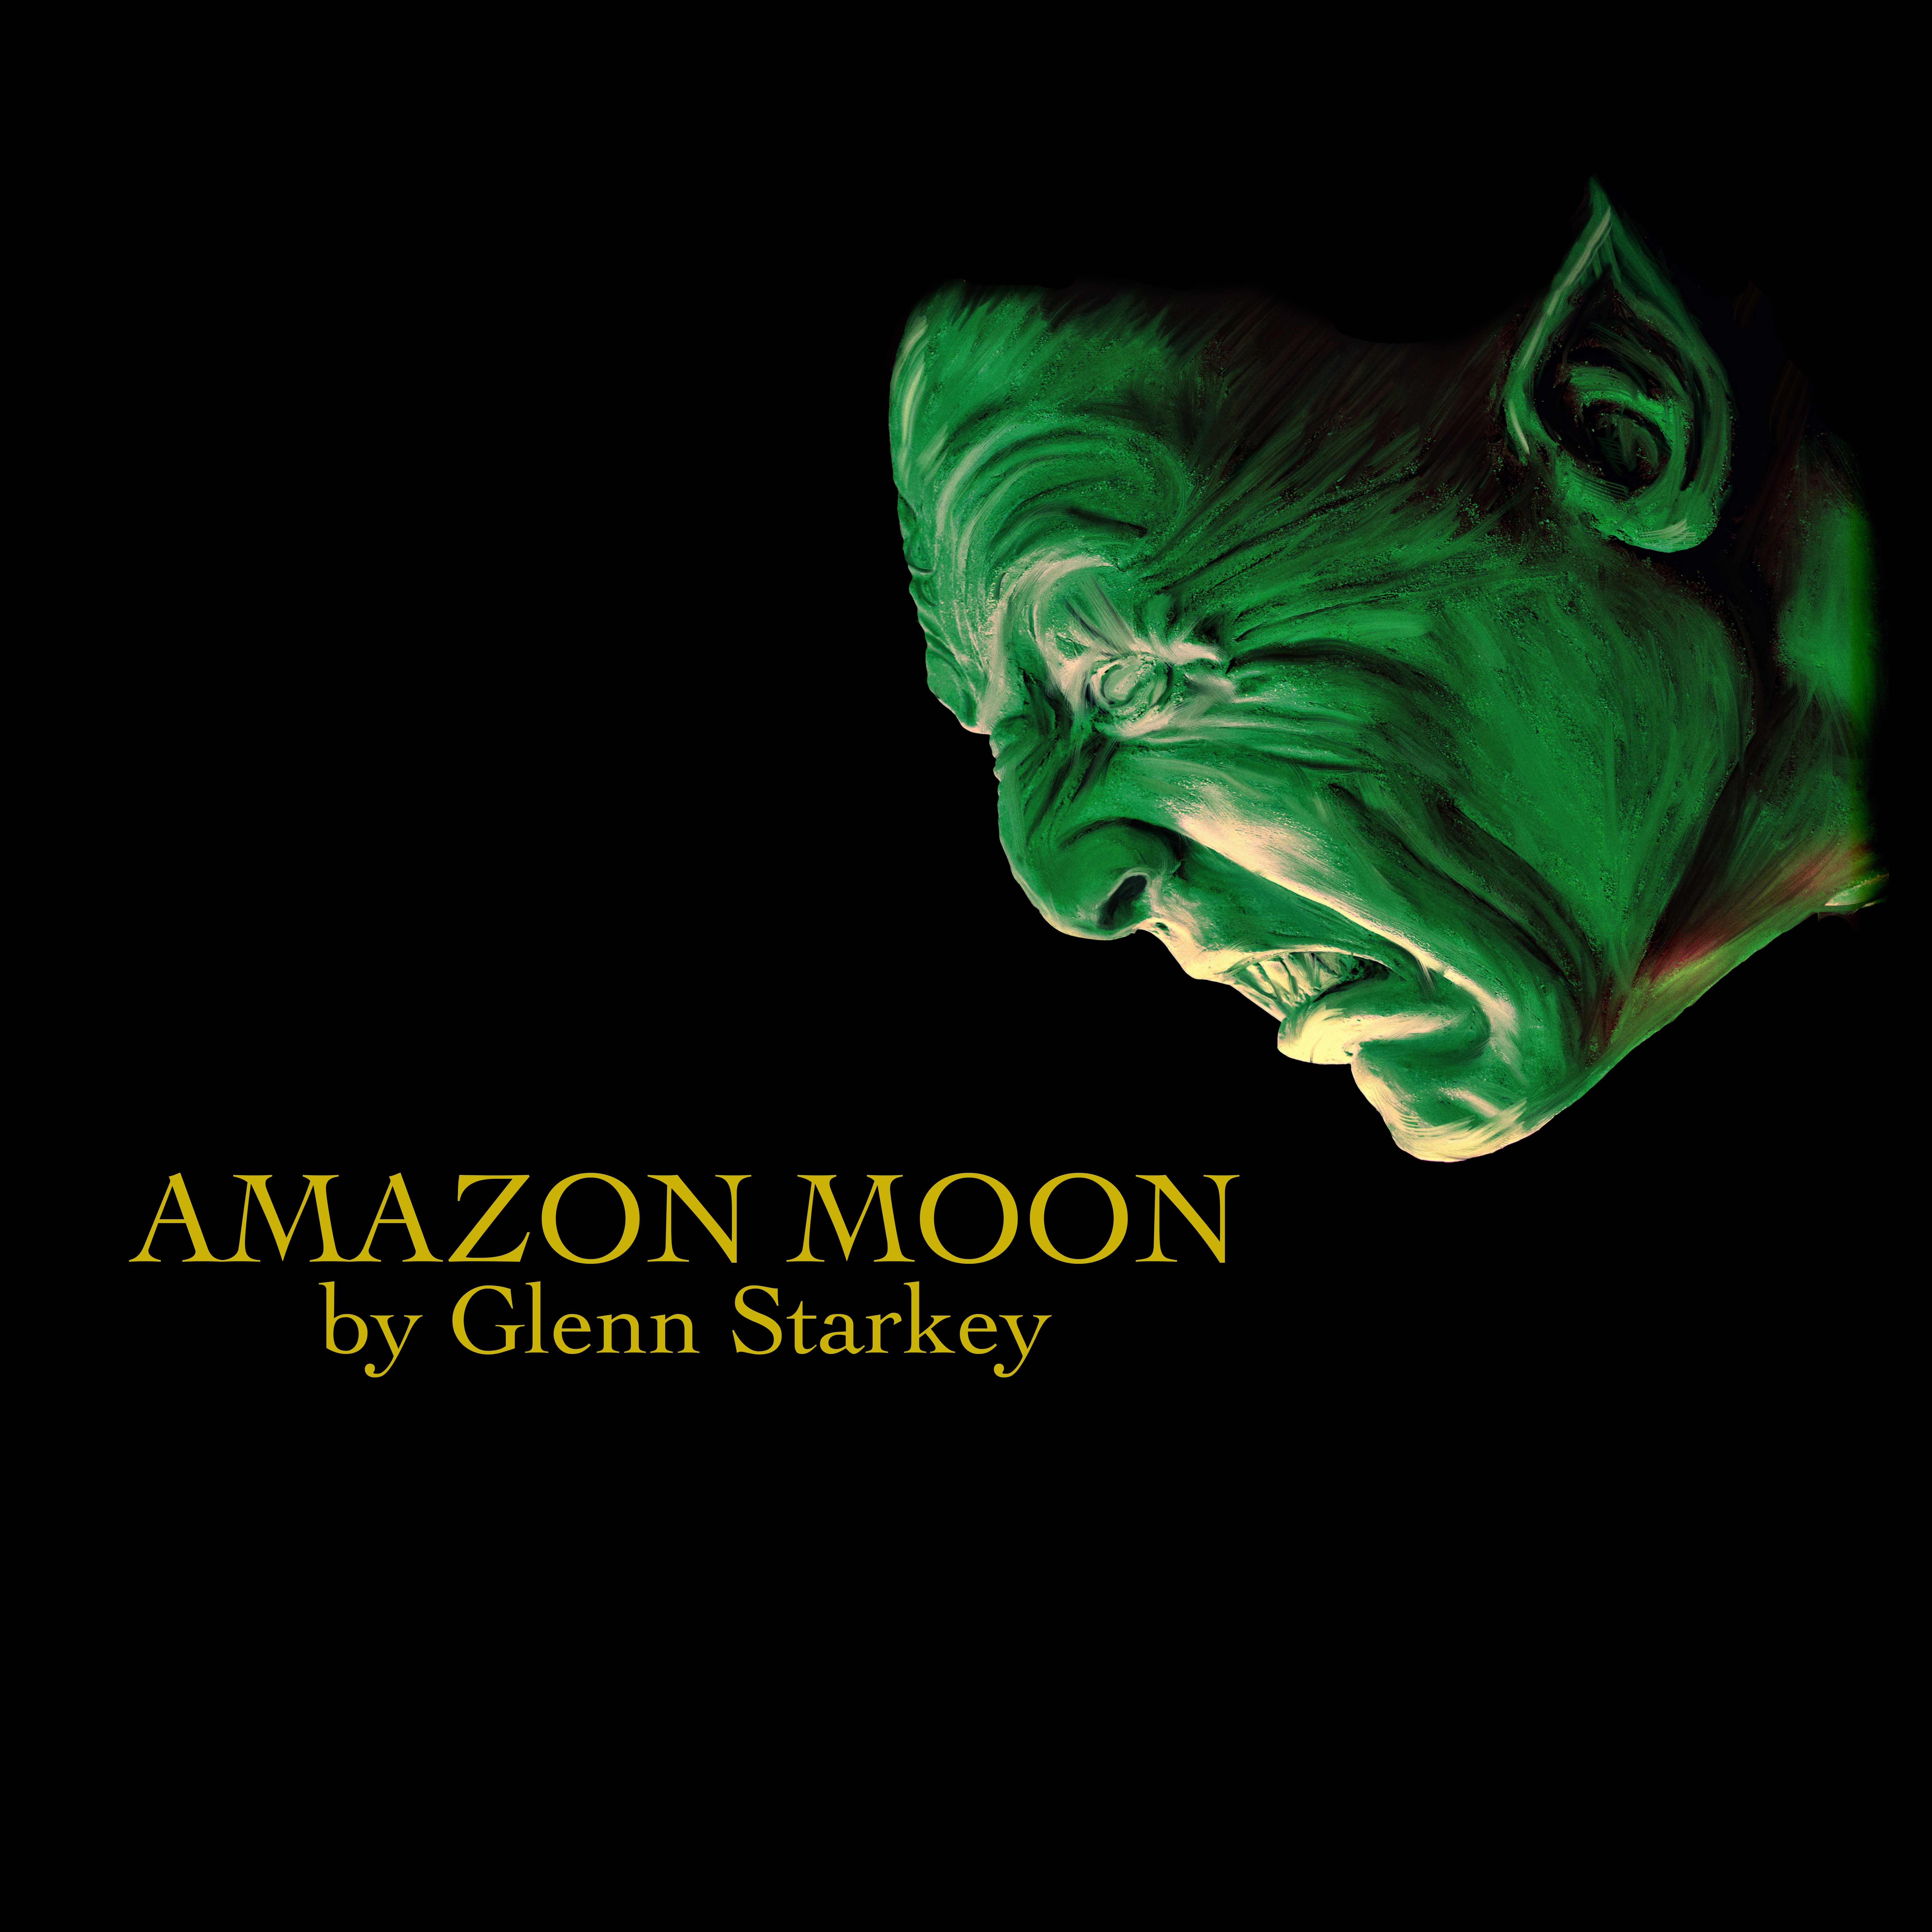 AmazonMoonTShirt (1)